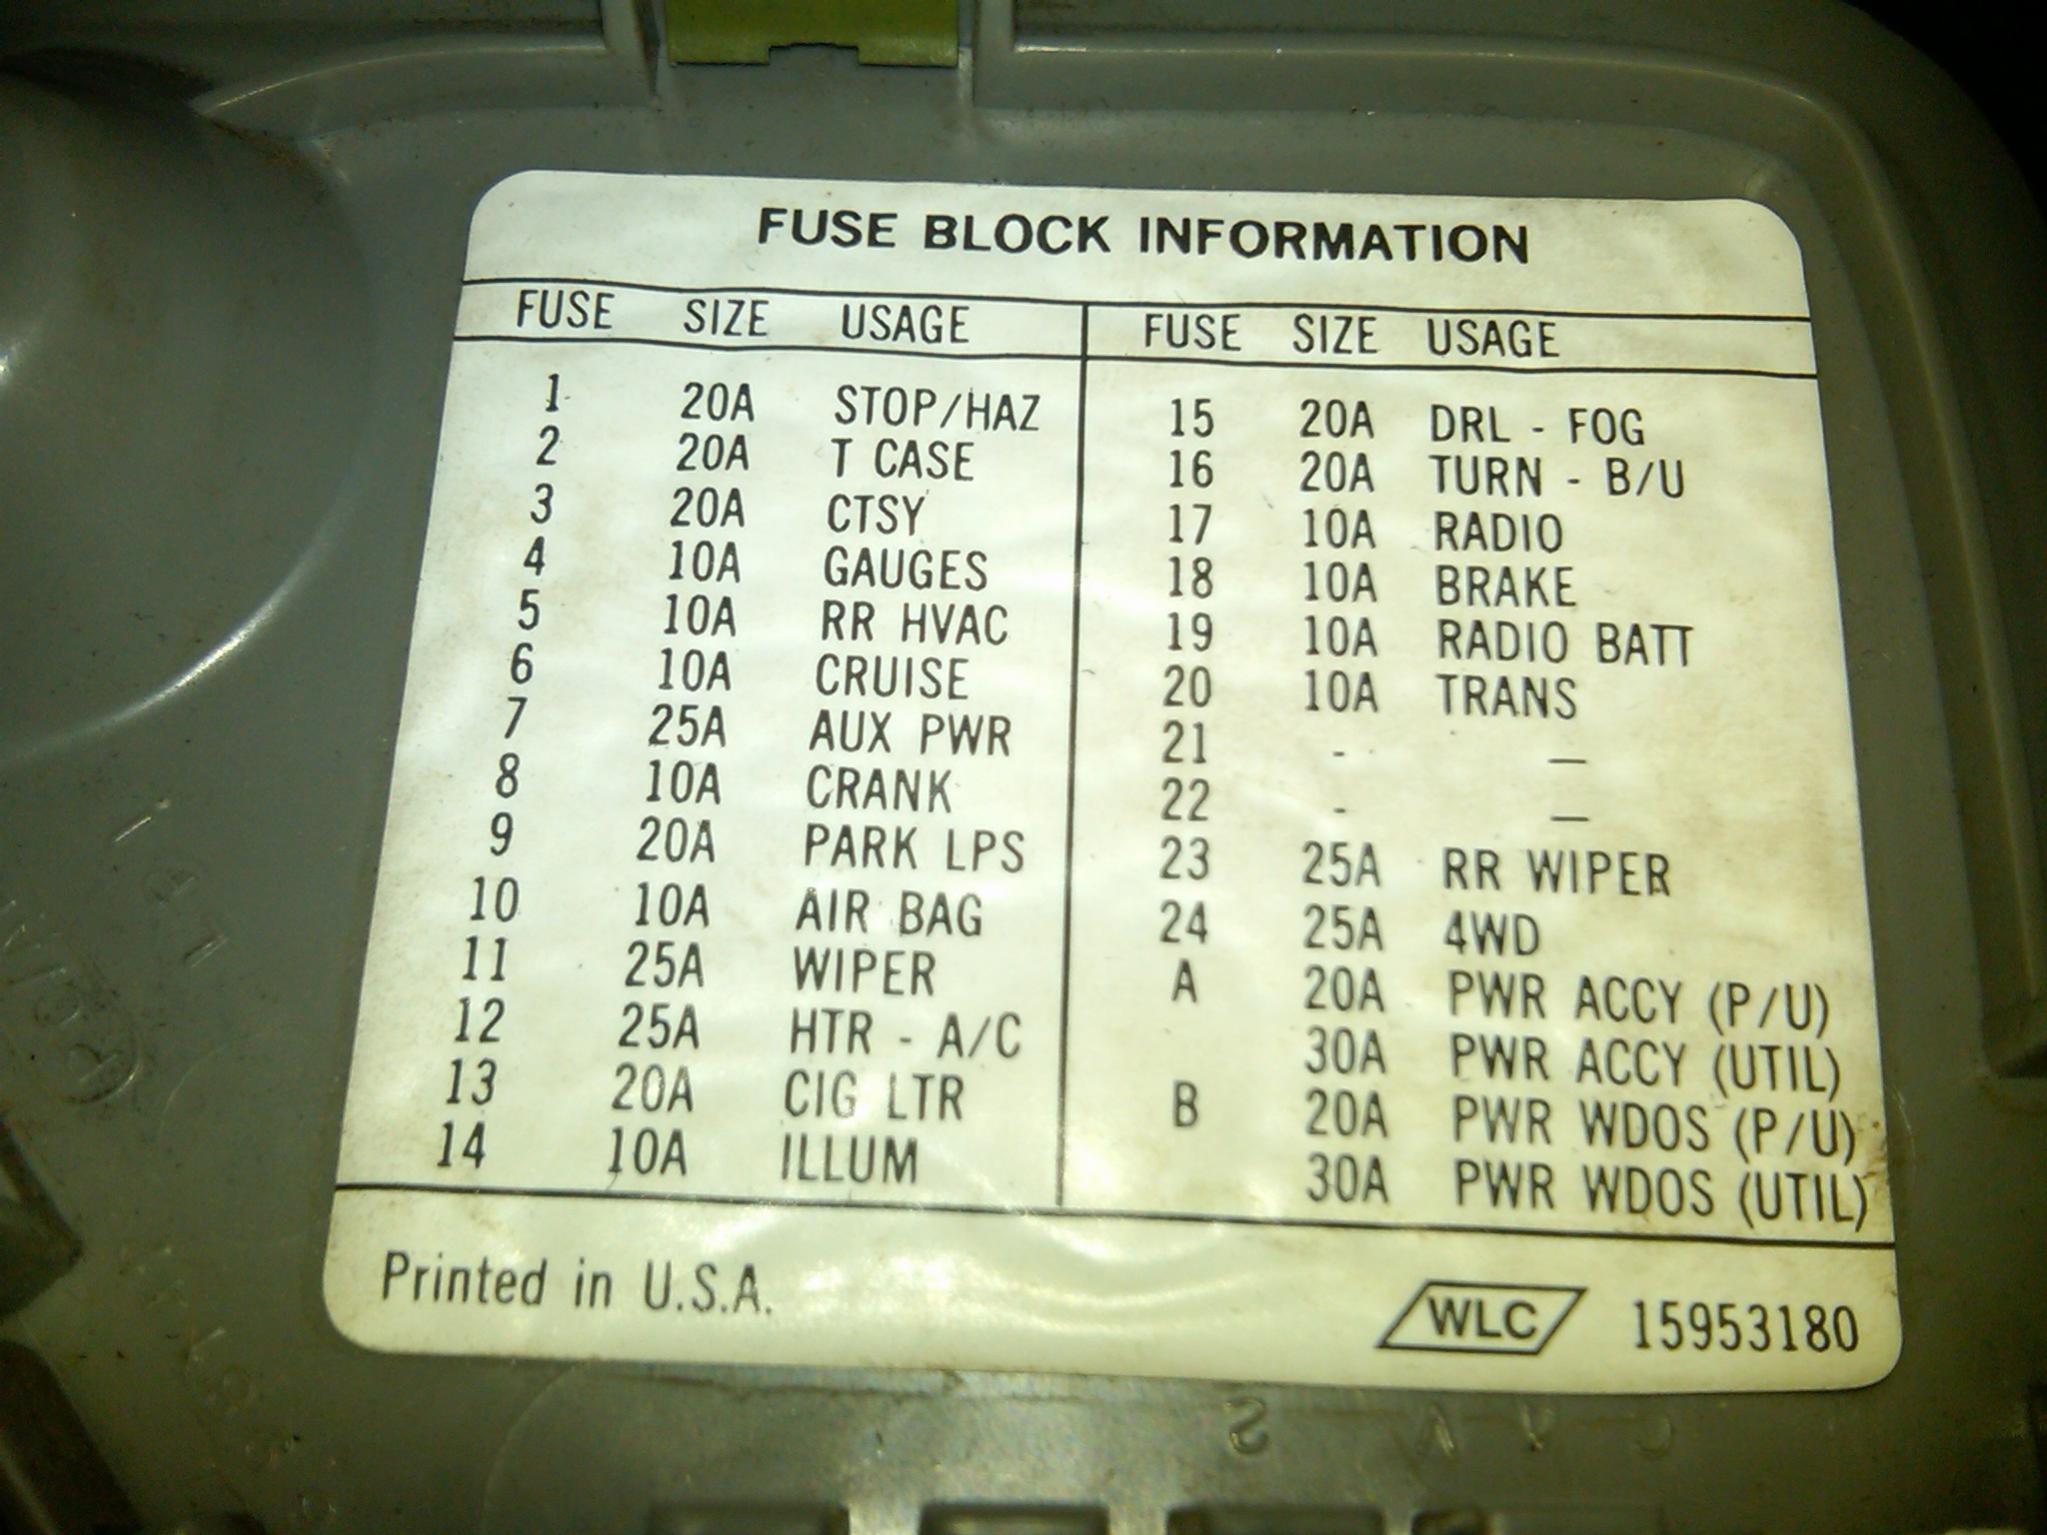 2004 Gmc Sierra Fuse Box Diagram Suddenly No Dash Or Ac Heat Backlight On My 95 K1500 A